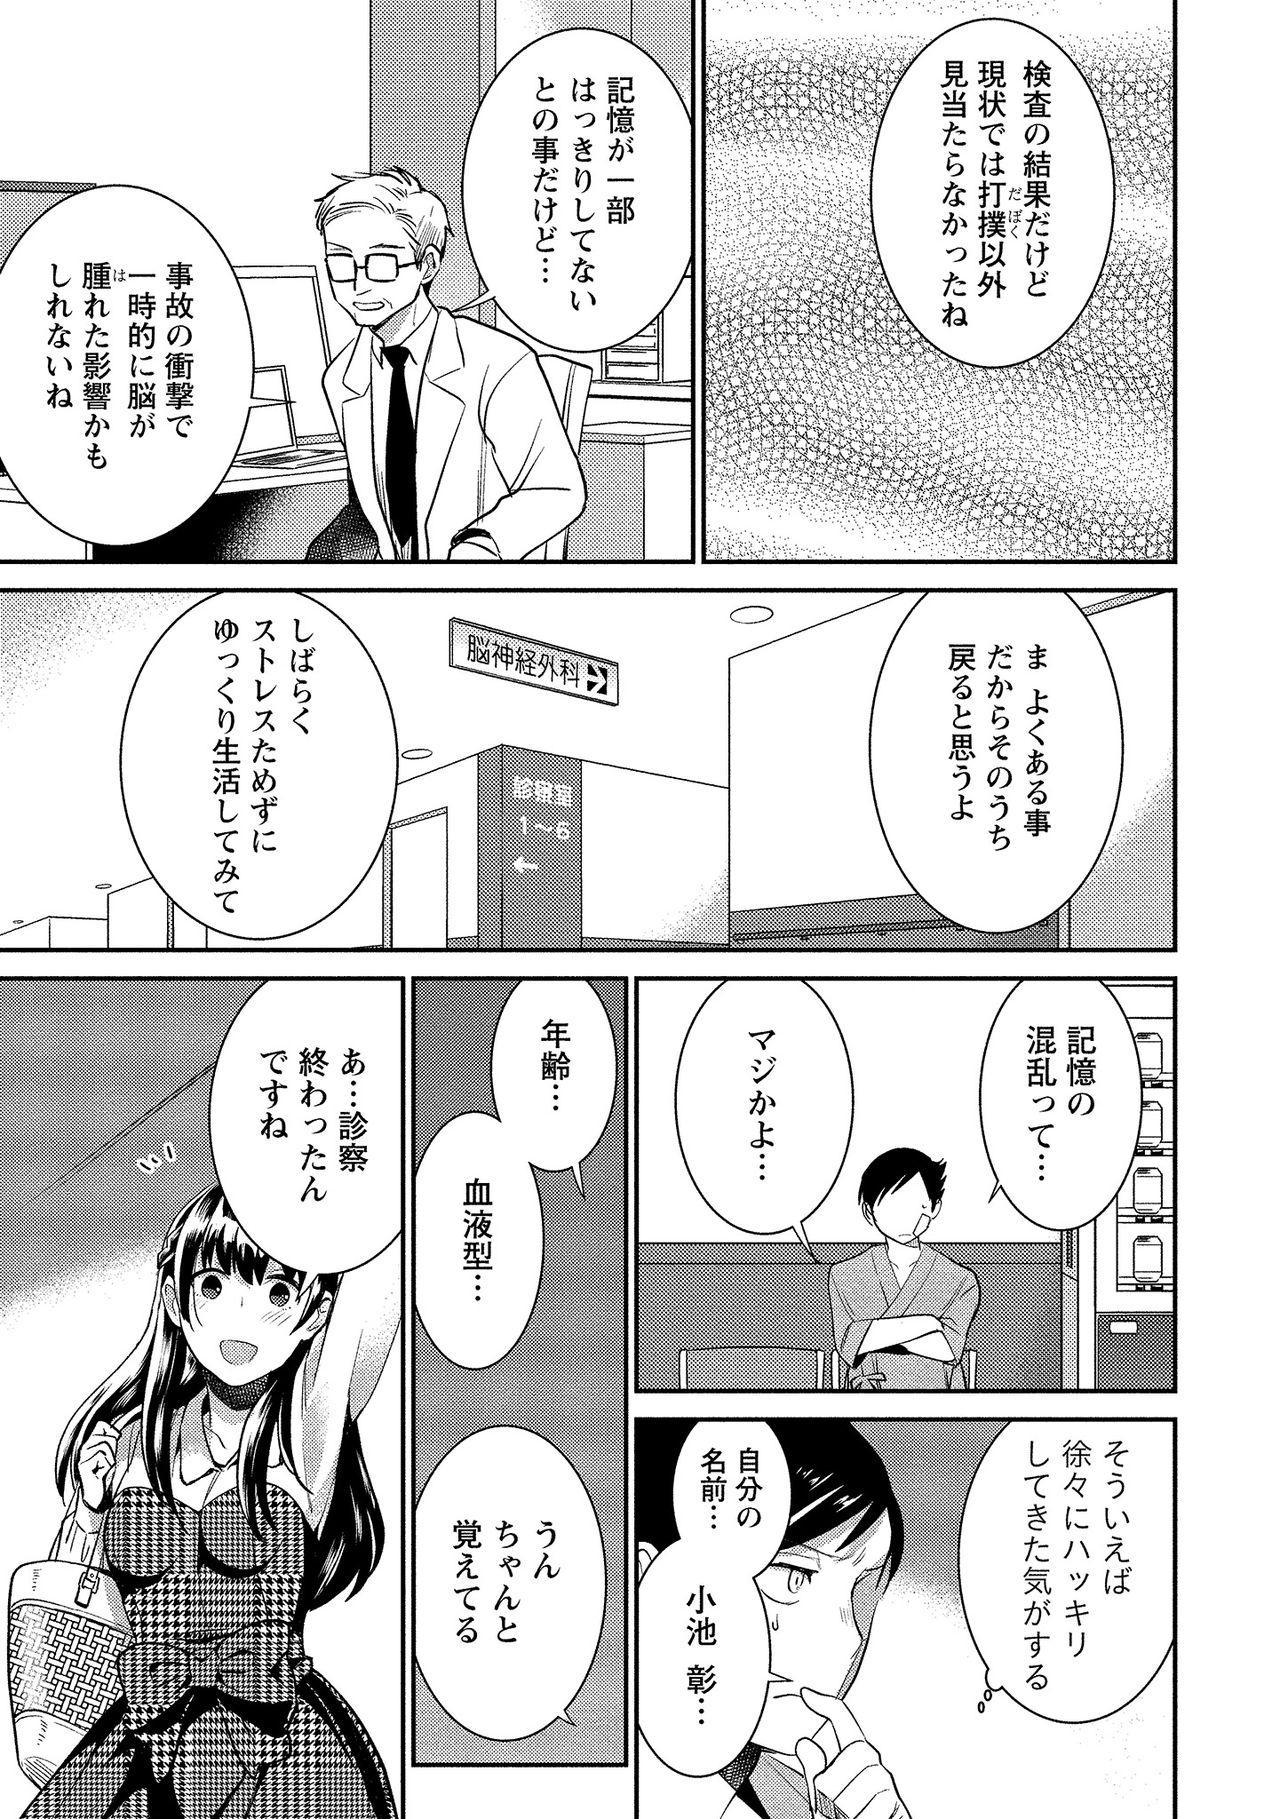 Dorobou Neko wa Kanojo no Hajimari 11